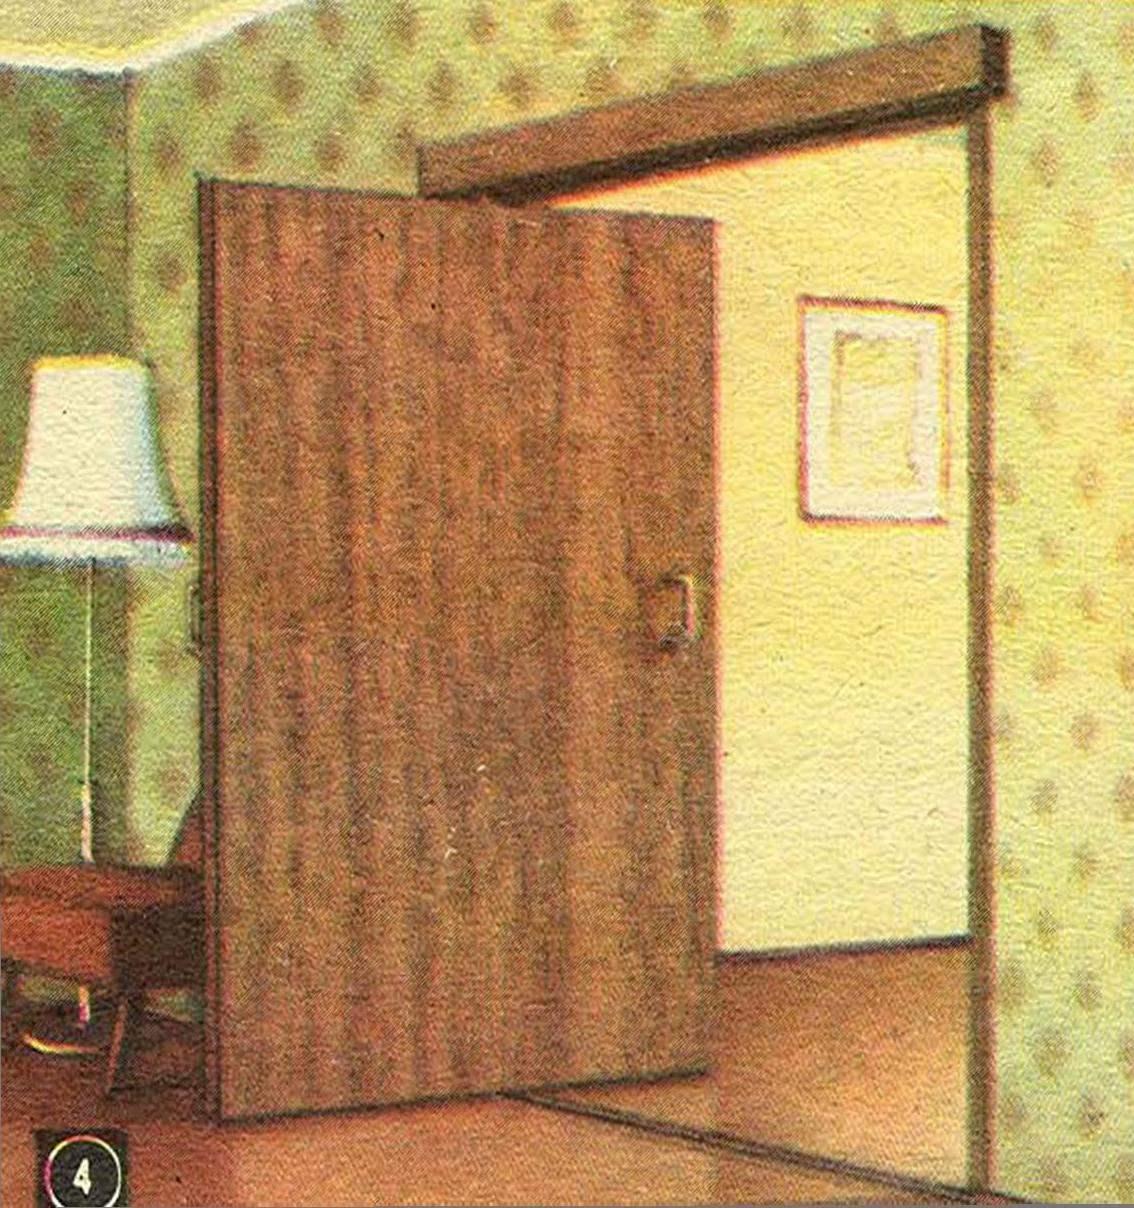 4. Комбинированный вариант: дверь одновременно может поворачиваться и сдвигаться в сторону по направляющим в полу и притолоке. Поэтому при довольно большой ширине она нисколько не загромождает комнату.